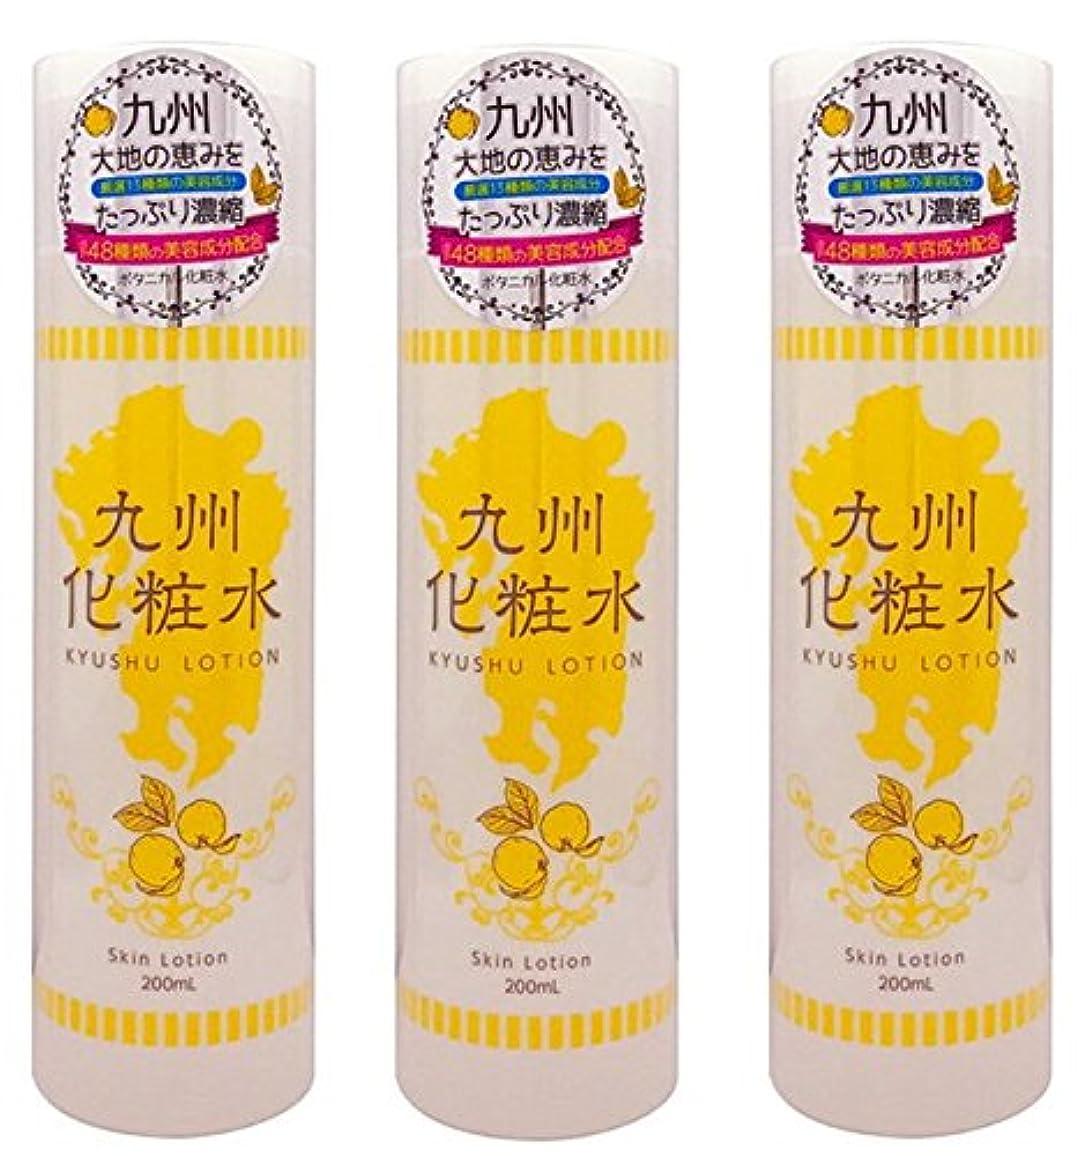 口ひげ誓約レモン九州化粧水 200ml (ボタニカル化粧水) X 3本セット